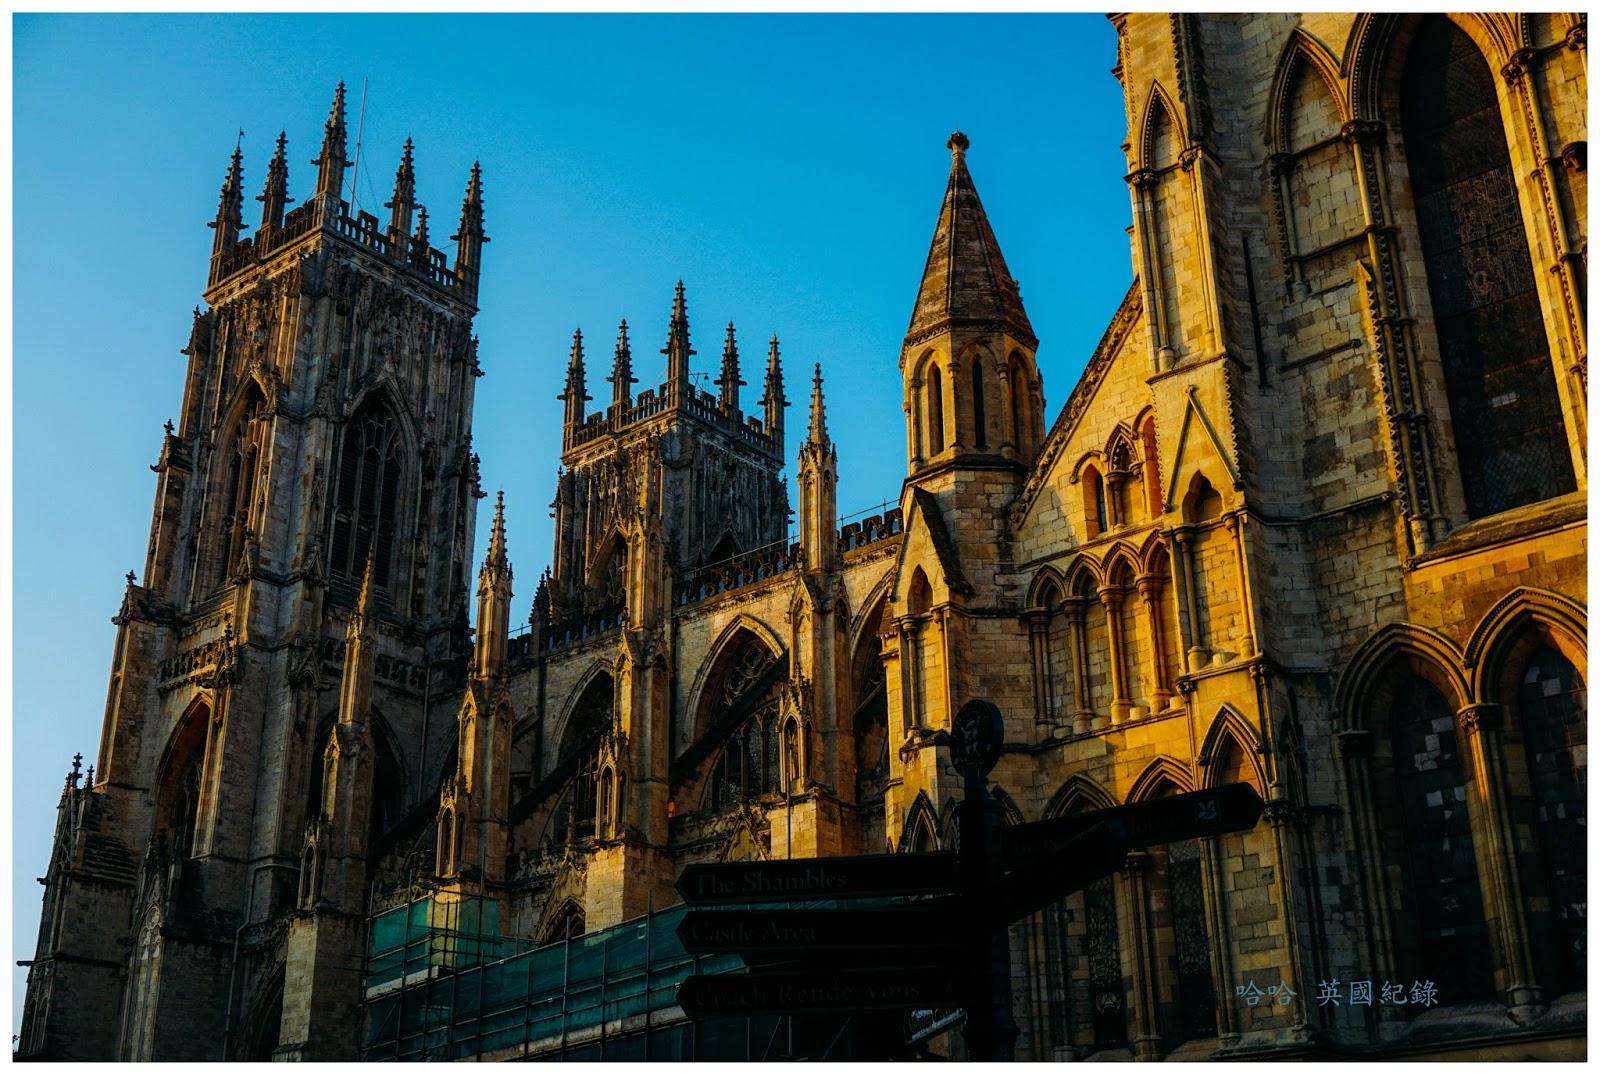 [英國 約克] 歐洲北部最大的中世紀教堂 York Minster - 哈哈 與 EVA 旅遊紀錄